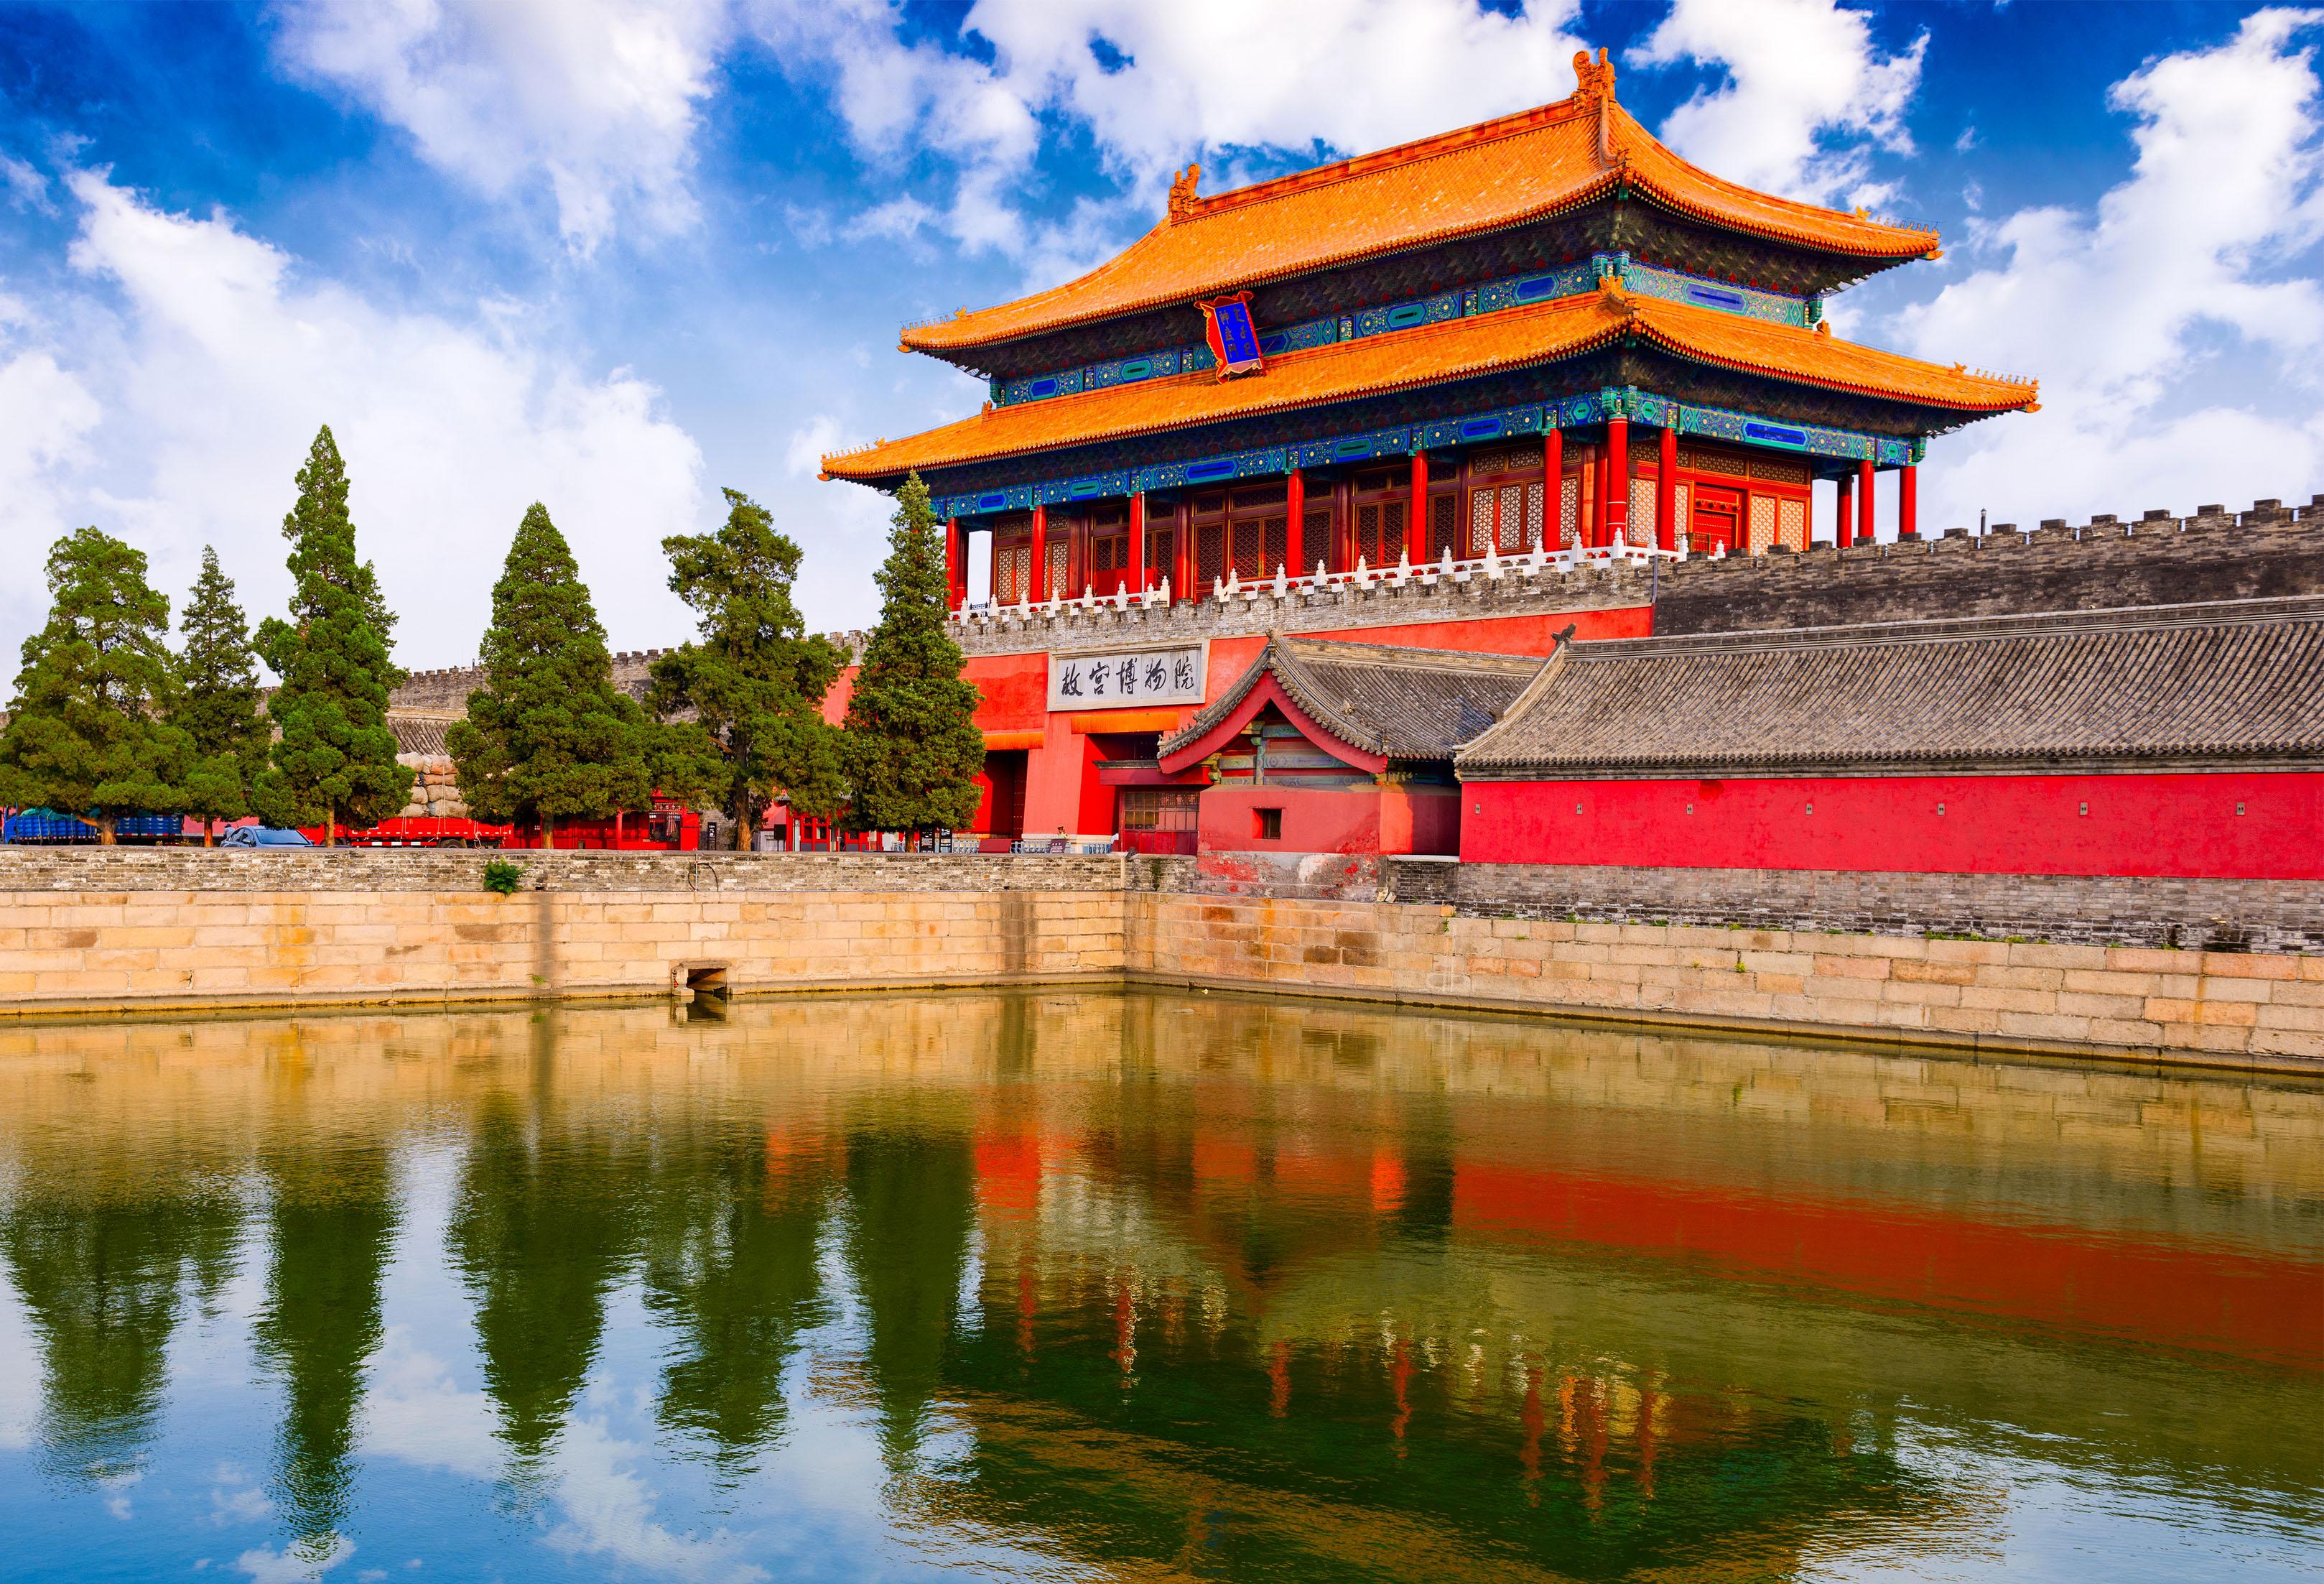 Tiananmen, el centro neurálgico de Beijing - China Gran Viaje China clásica: Beijing, Xi'an y Shanghai